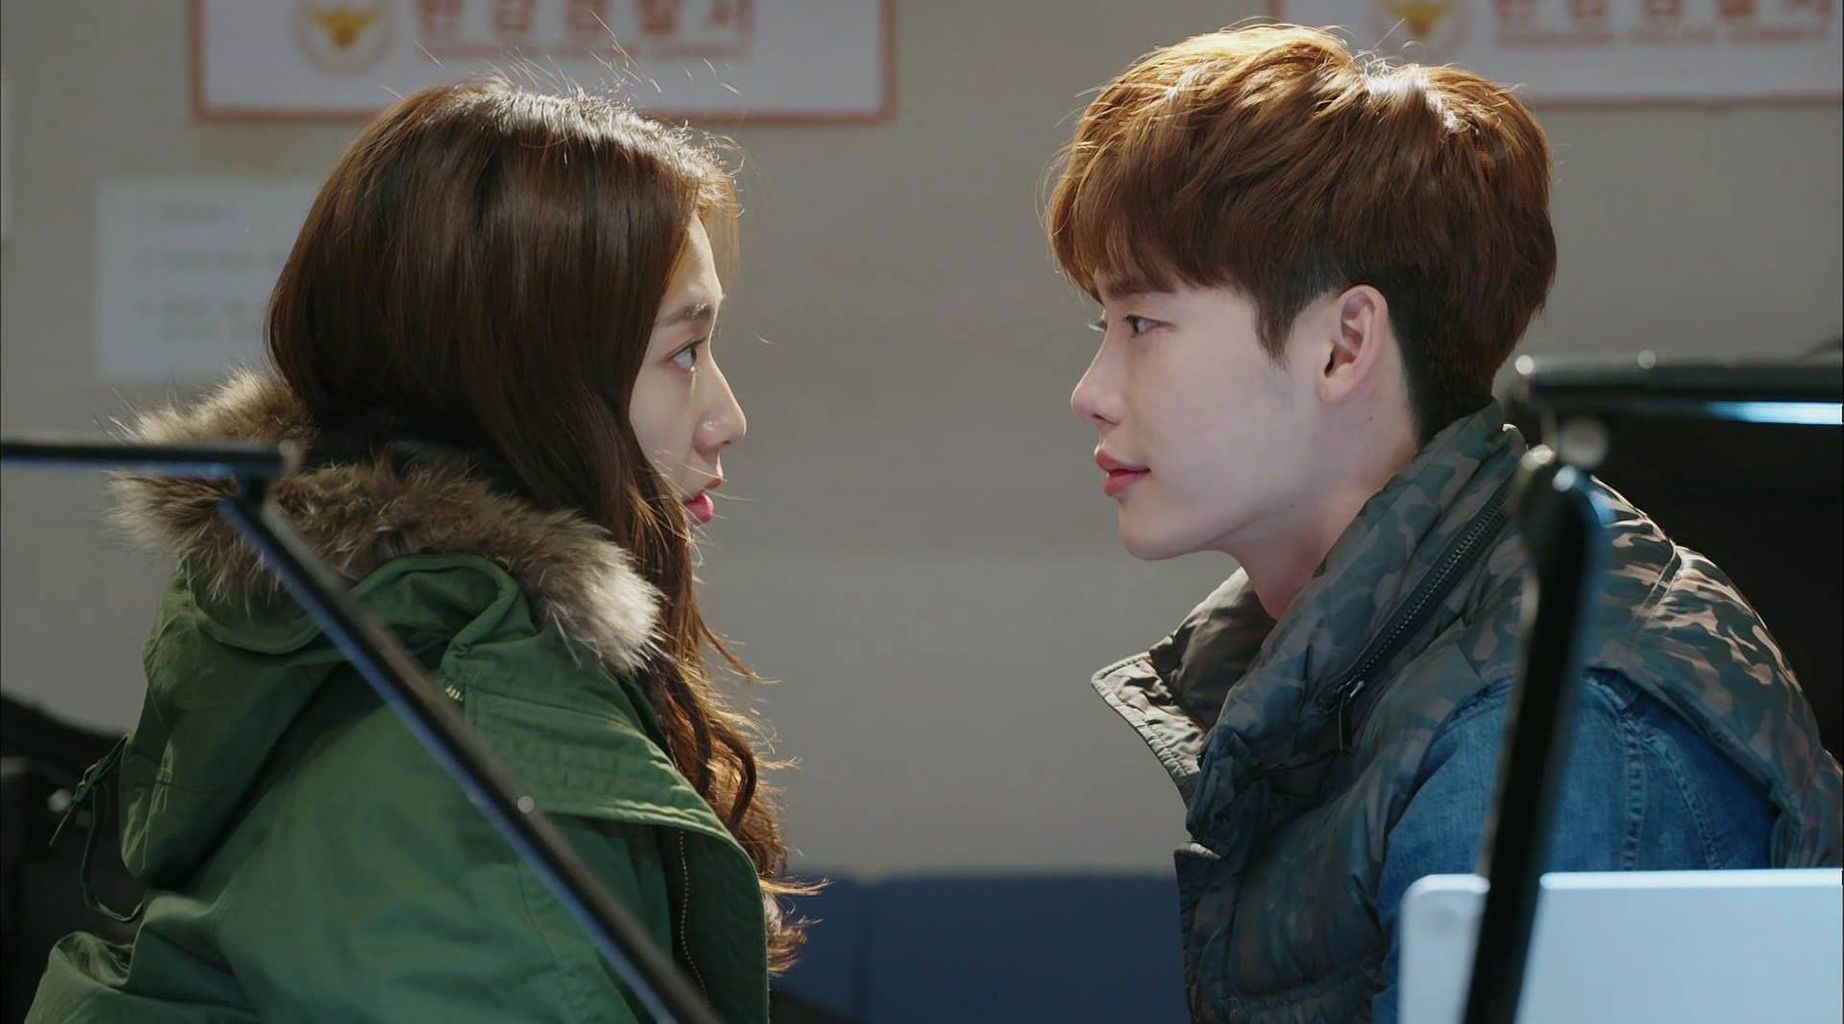 皮諾丘(舊)第1集 免費線上看 韓劇 LINE TV-精彩隨看